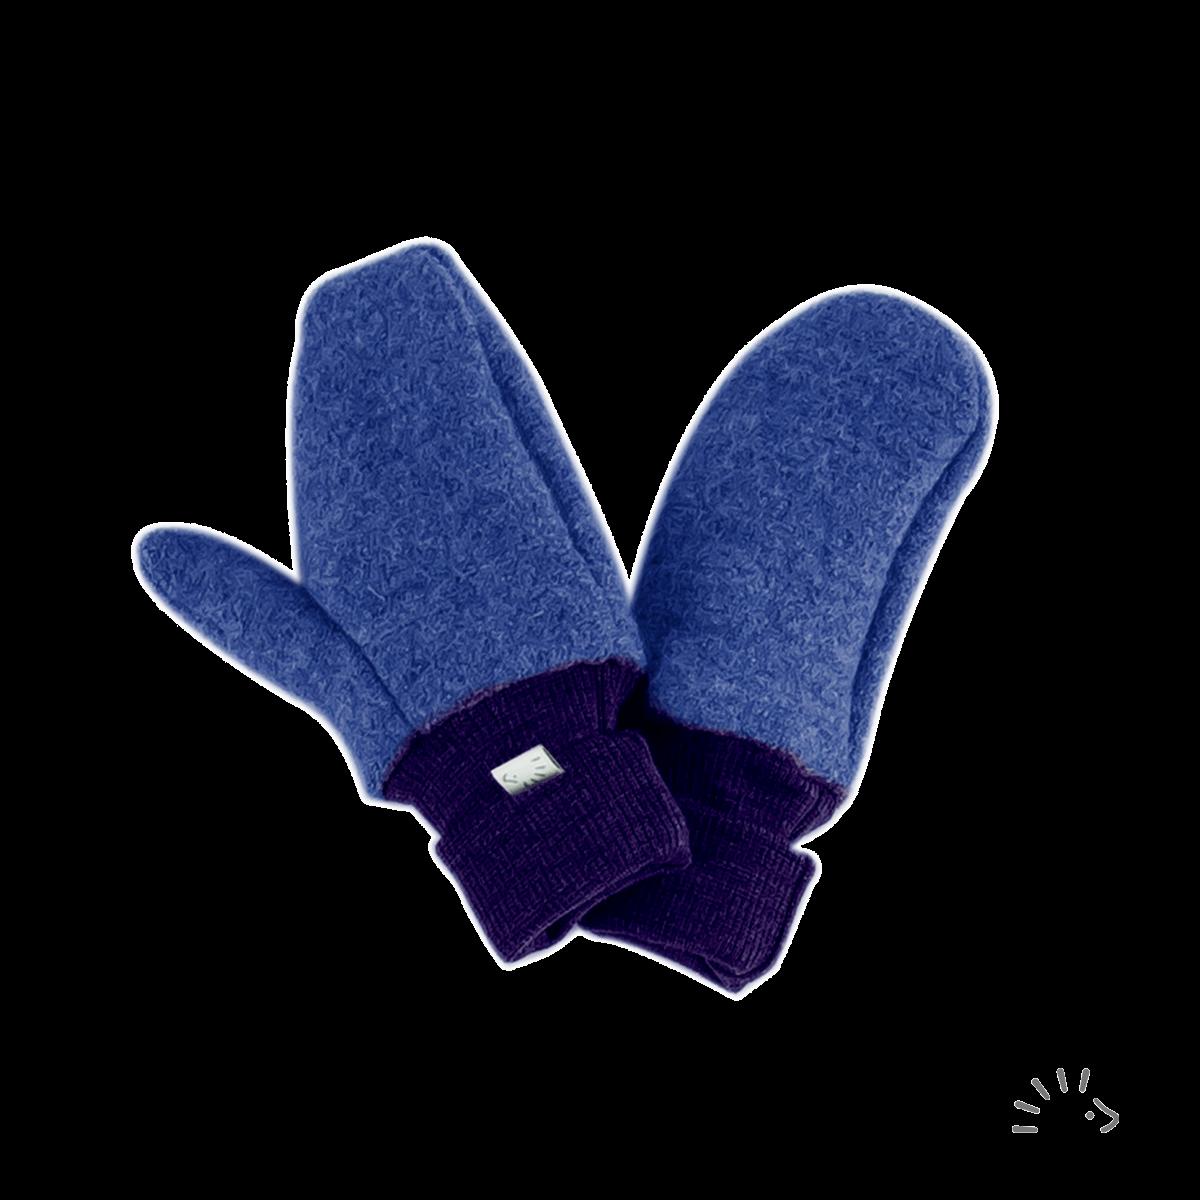 Mănuși pentru copii din lână merinos organică boiled wool indigo Iobio Popolini